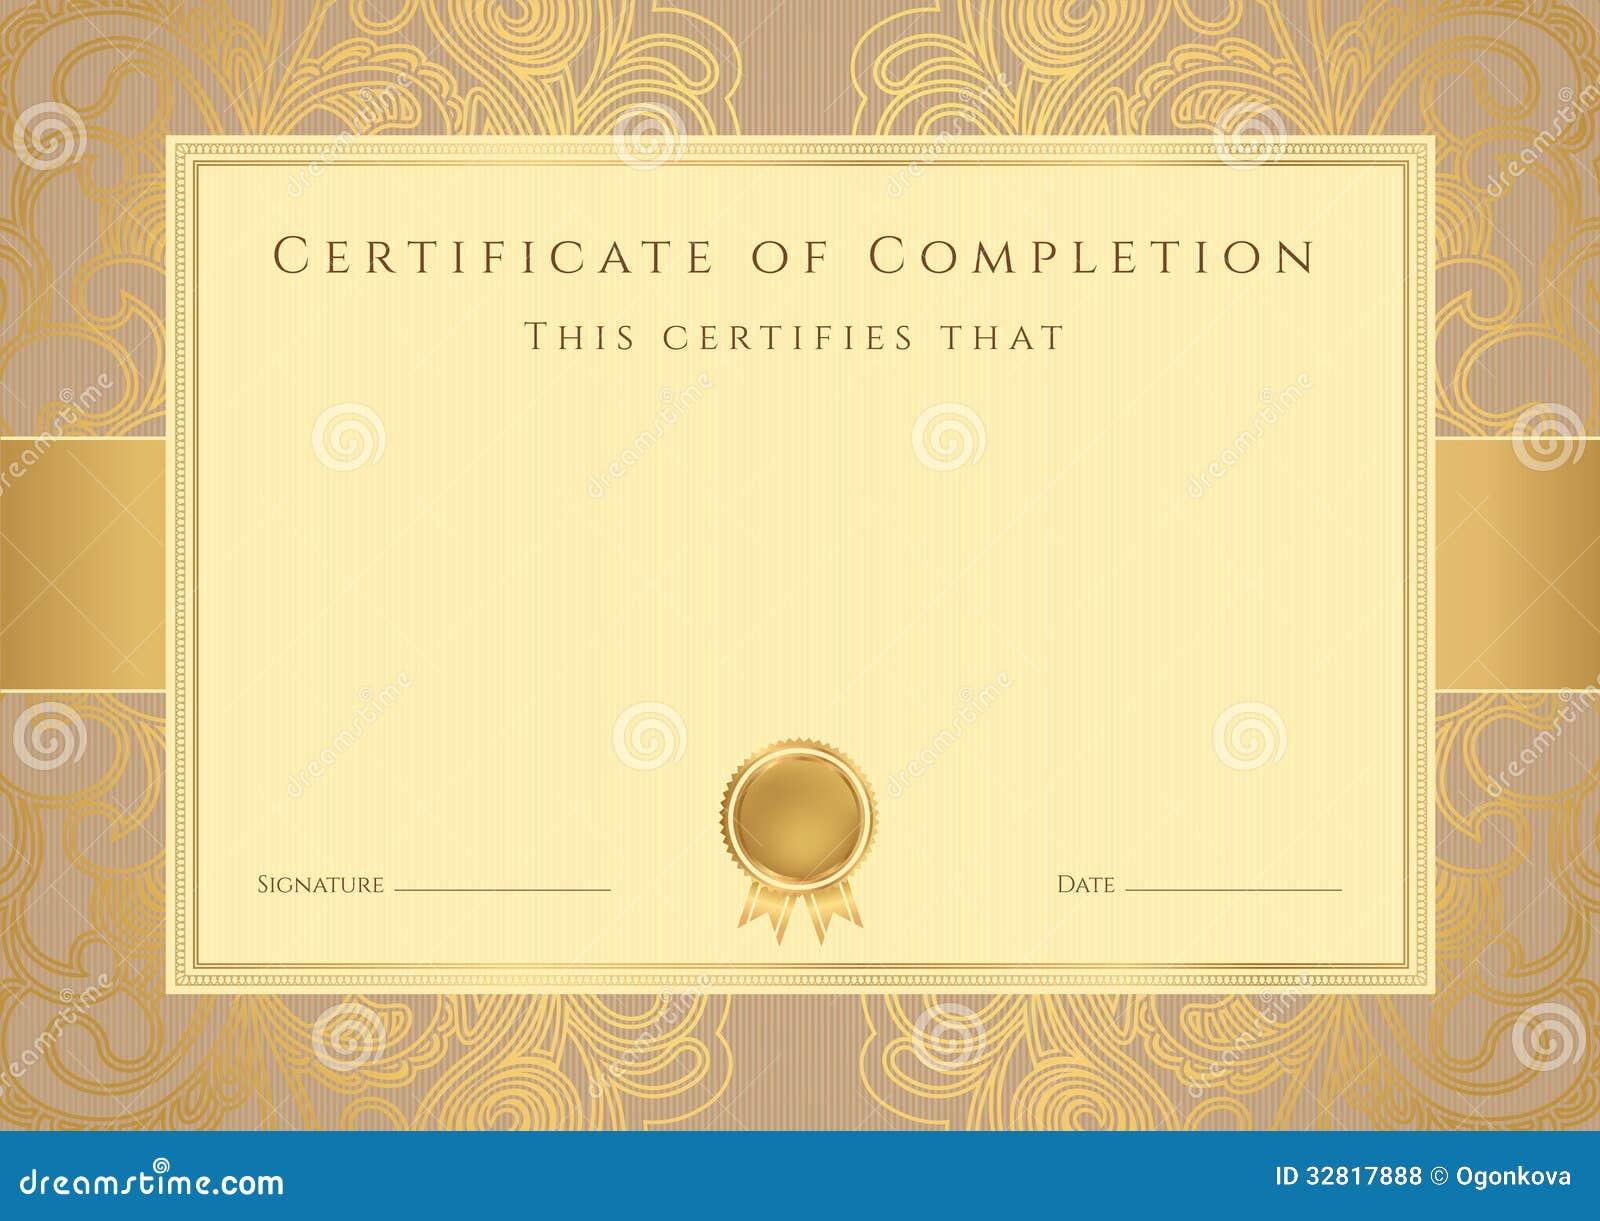 Zertifikat-/Diplomhintergrund (Schablone). Muster Vektor Abbildung ...